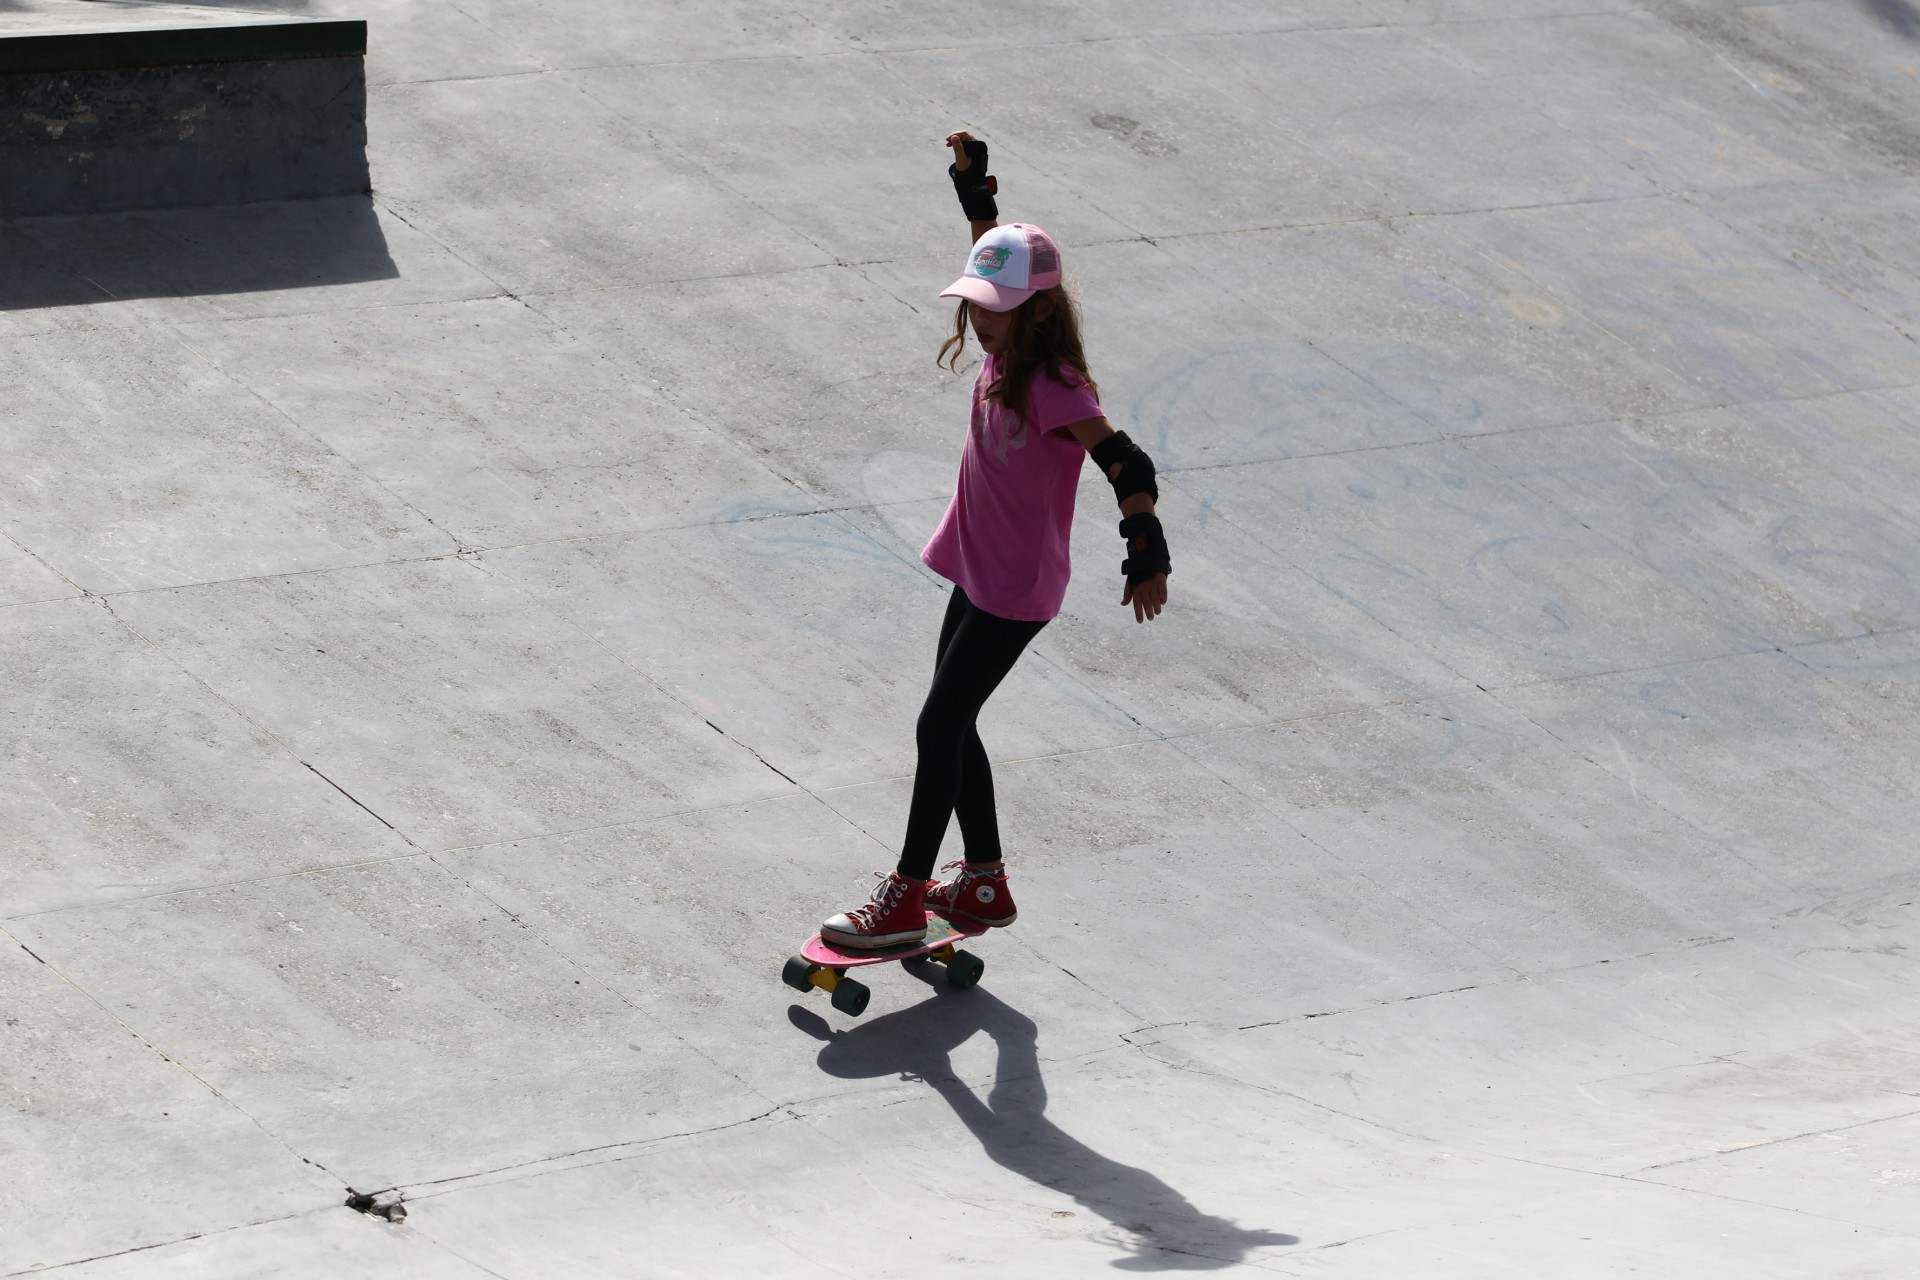 (Foto: FABIO LIMA)Para Tereza Lara Carvalho, 9 anos, o skate é uma diversão. Ela pratica nas rampas da pista do Cocó, na avenida Raul Barbosa